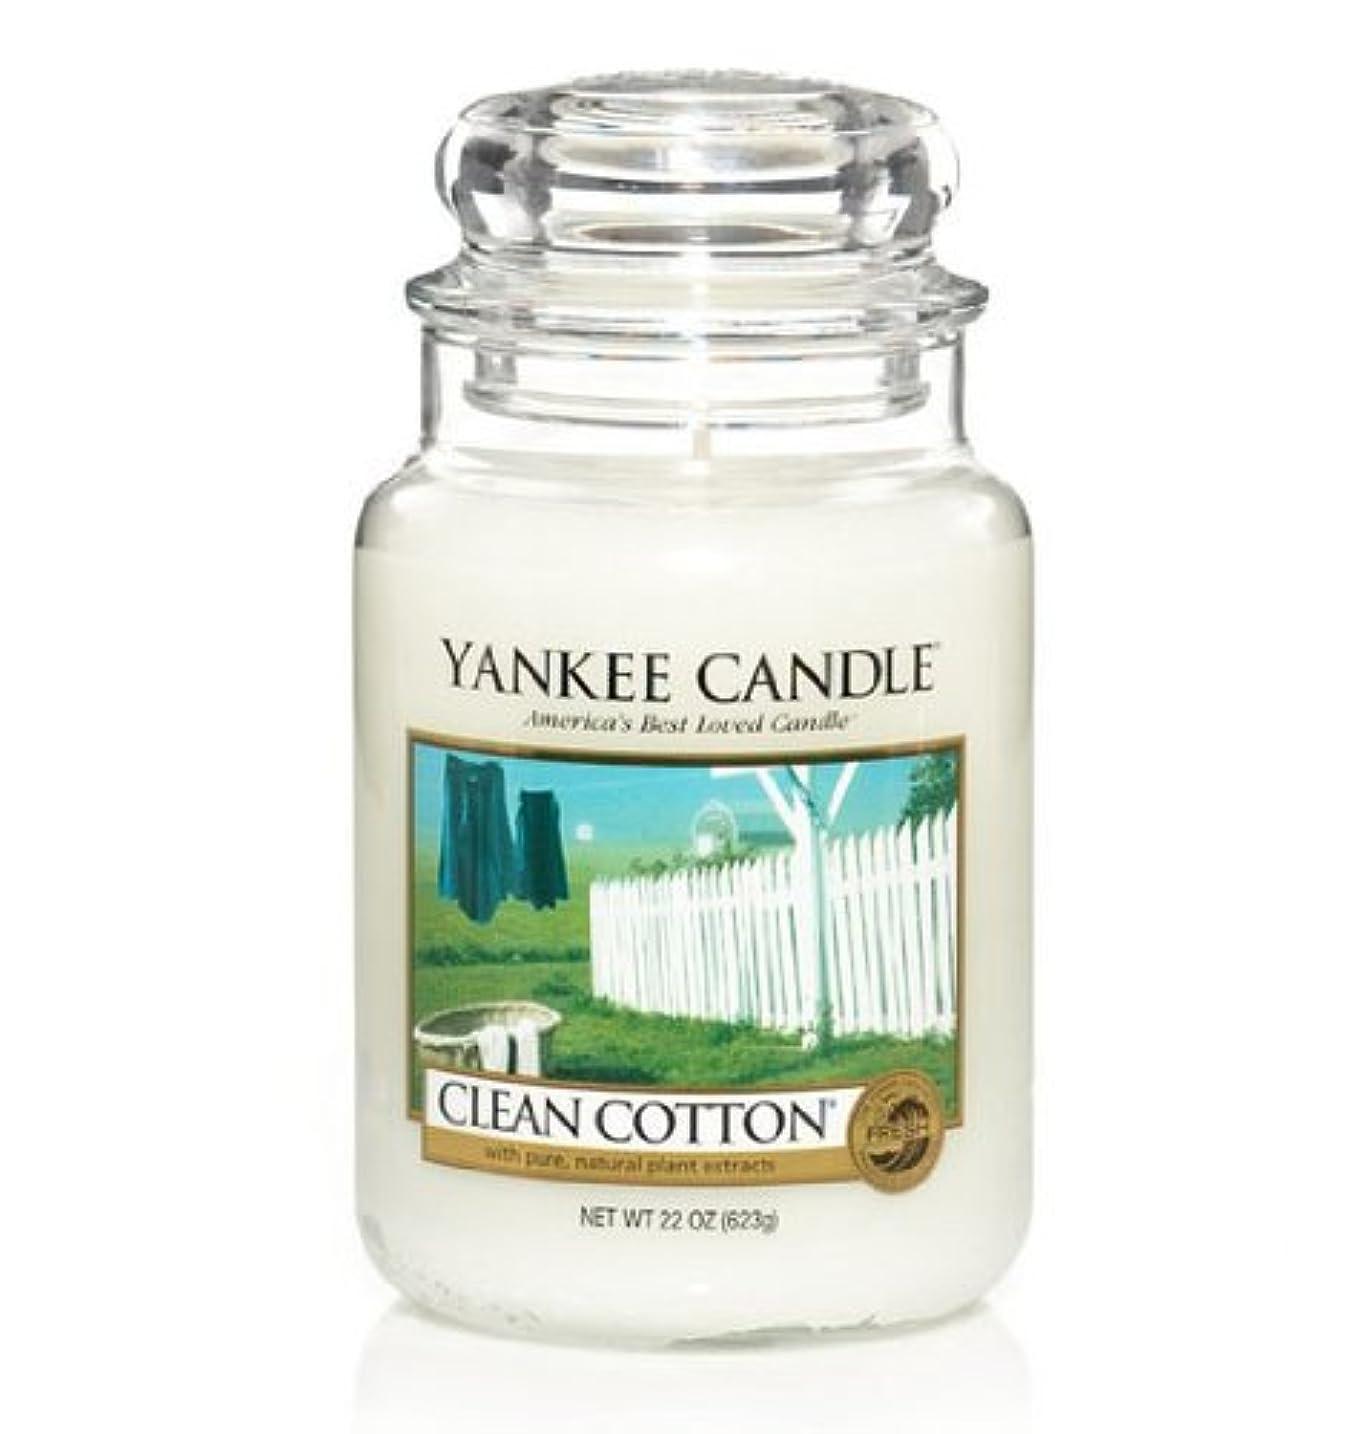 繁栄するスリップ余計なYankee Candle Clean Cotton Large Jar 22oz Candle [並行輸入品]